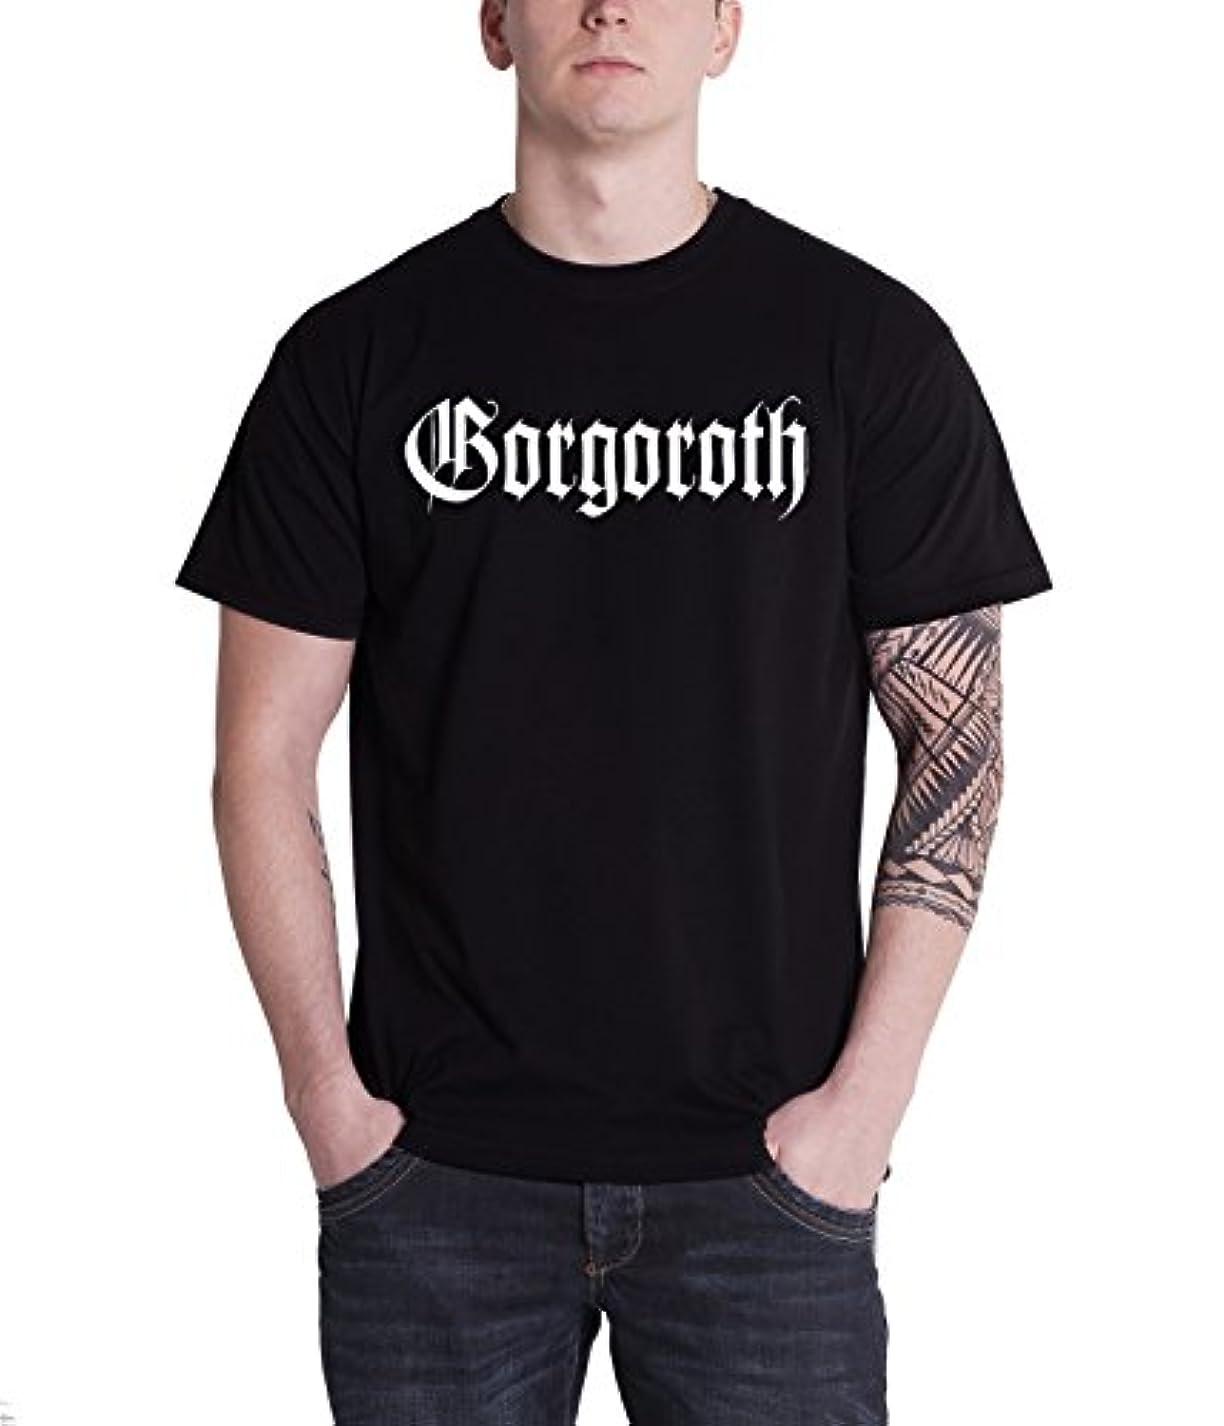 歴史的ねじれ女の子Gorgoroth T Shirt True Norwegian ブラック Metal Logo 公式 メンズ 新しい